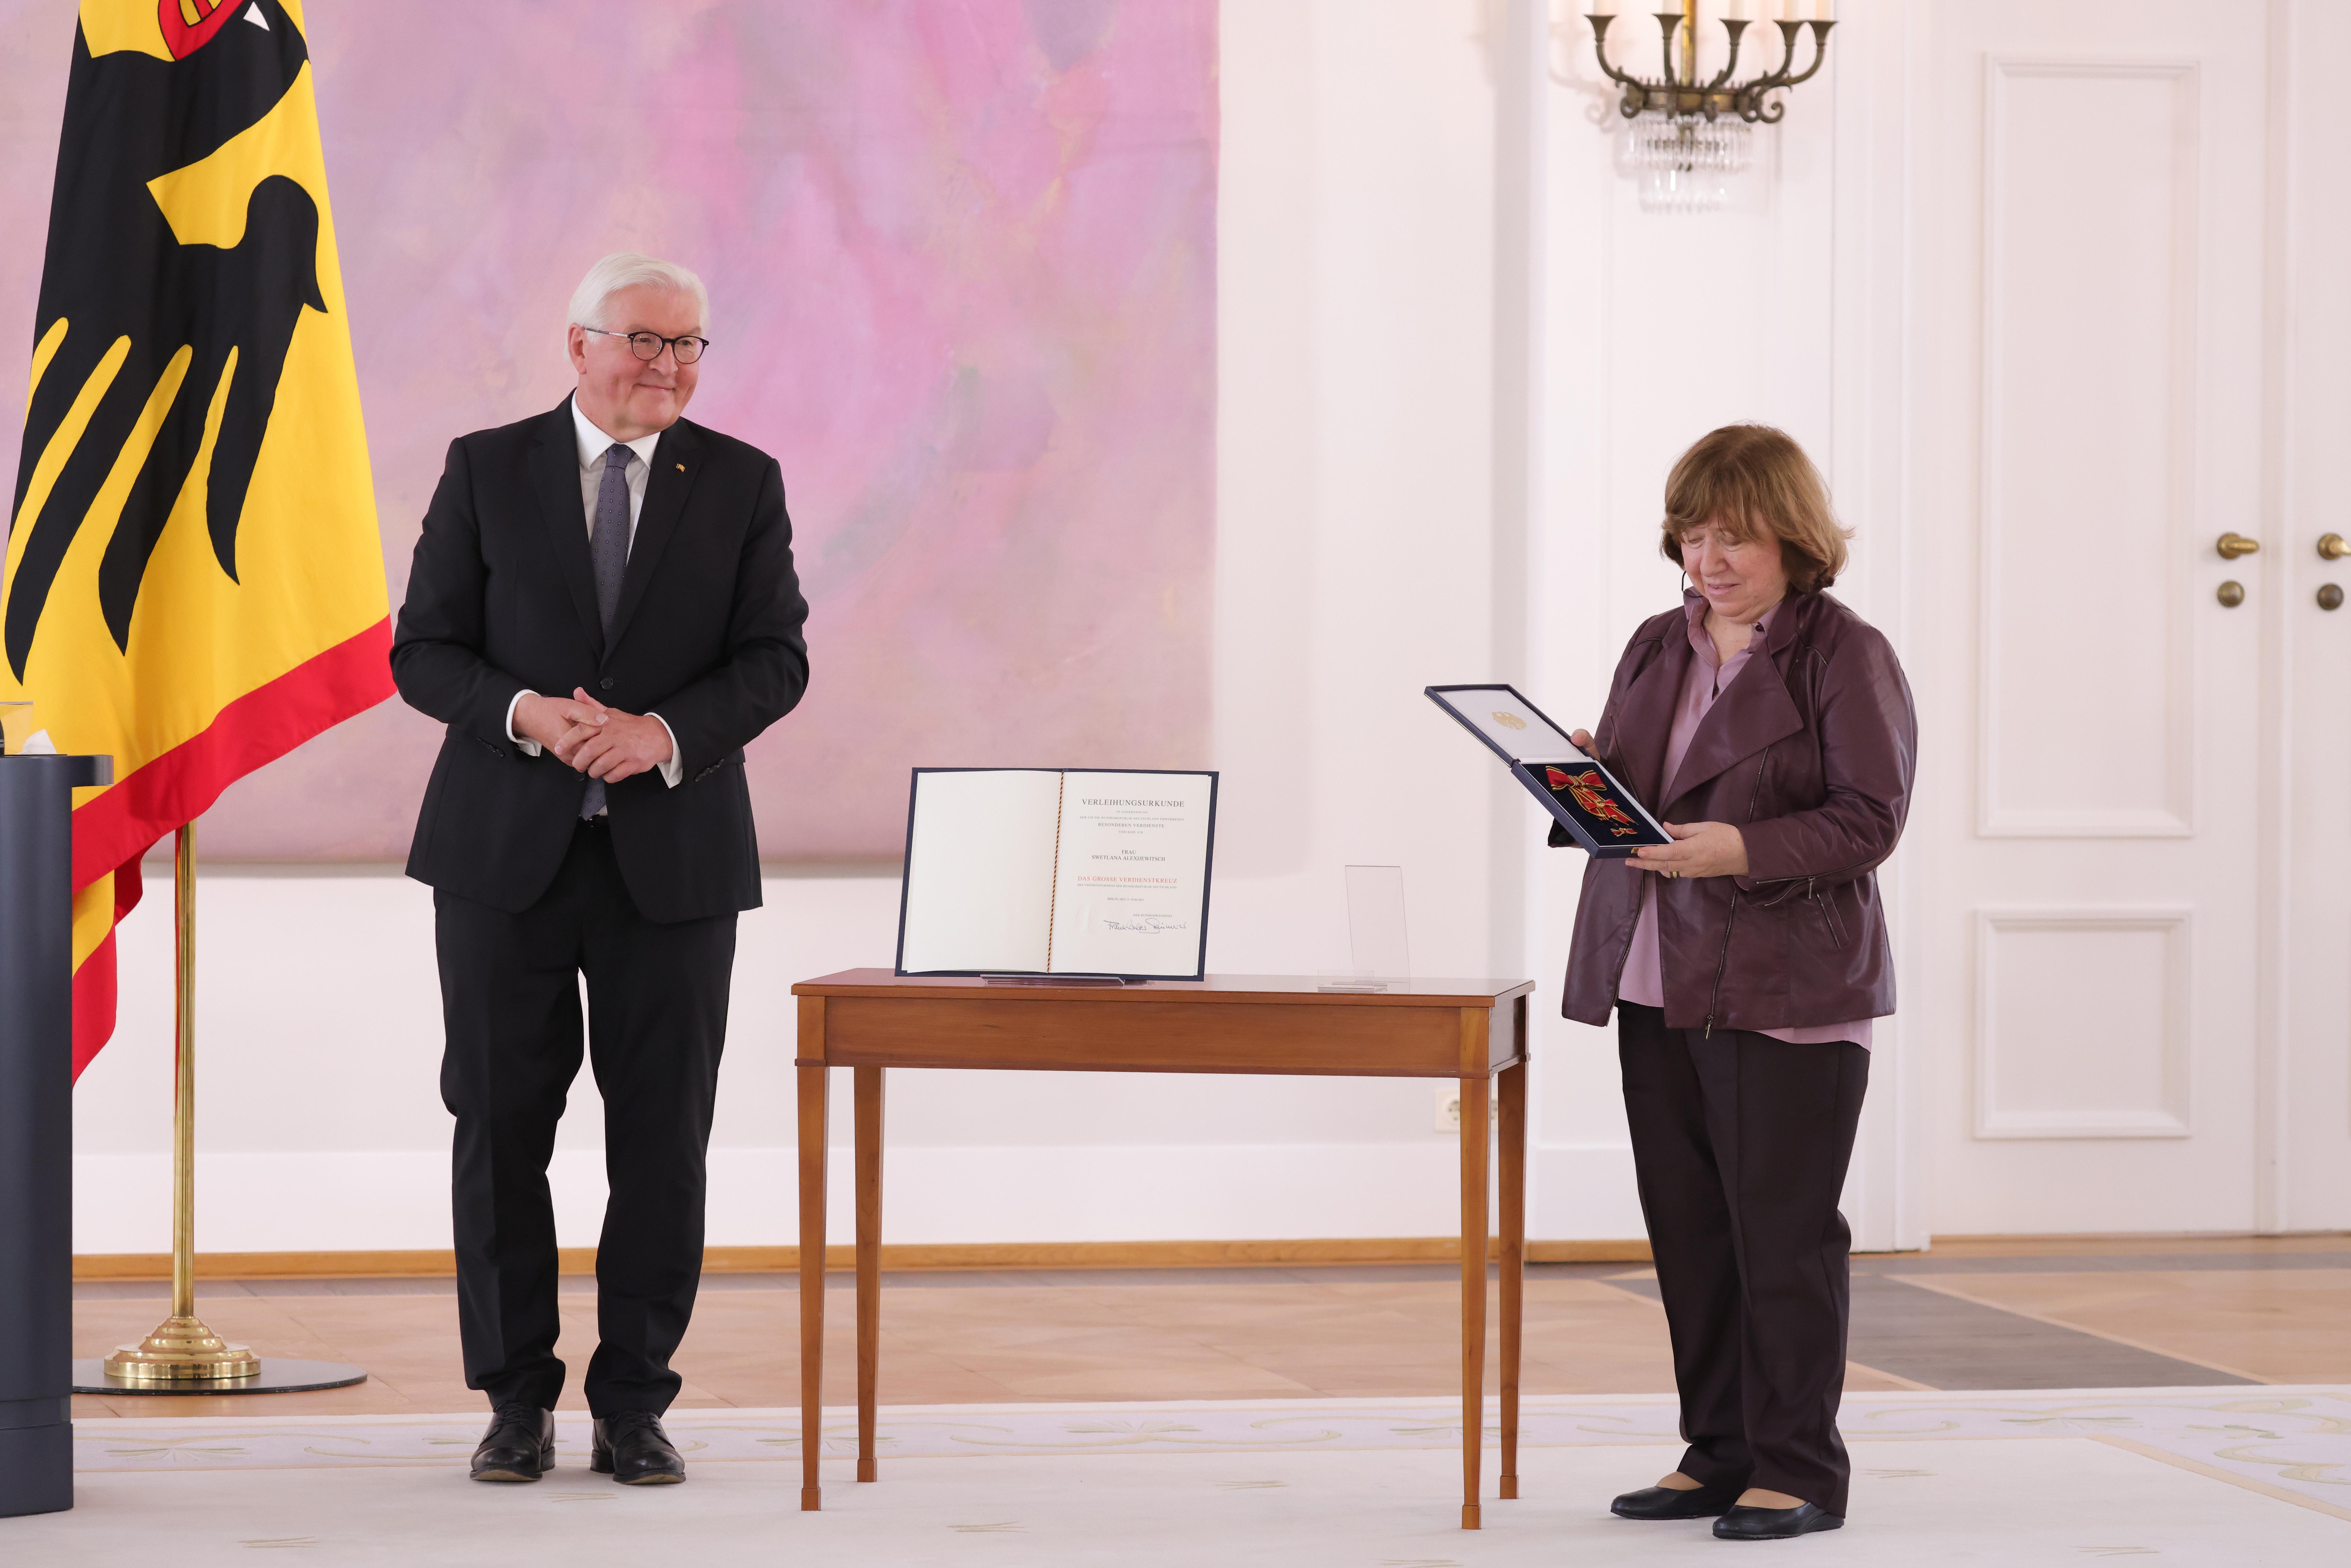 白俄羅斯記者獲頒德國聯邦十字勛章